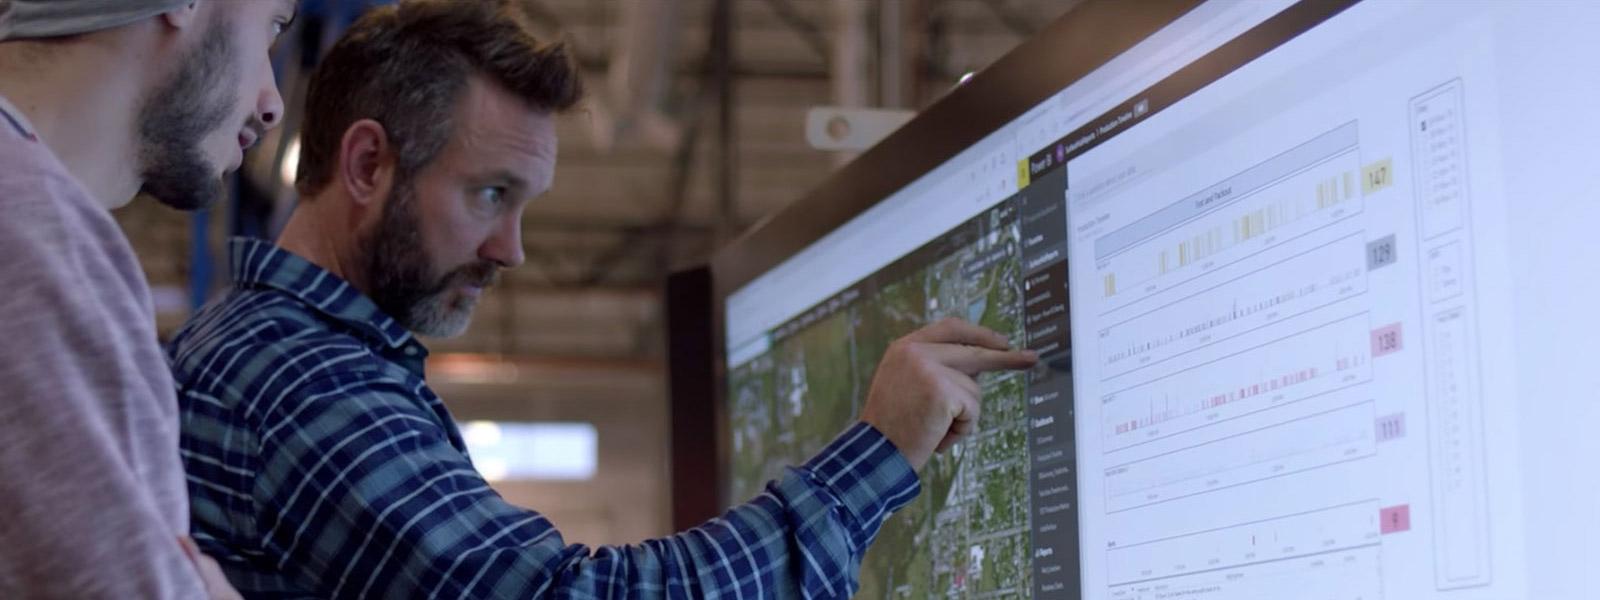 رجلان يستخدمان خاصية اللمس بجهاز Surface Hub